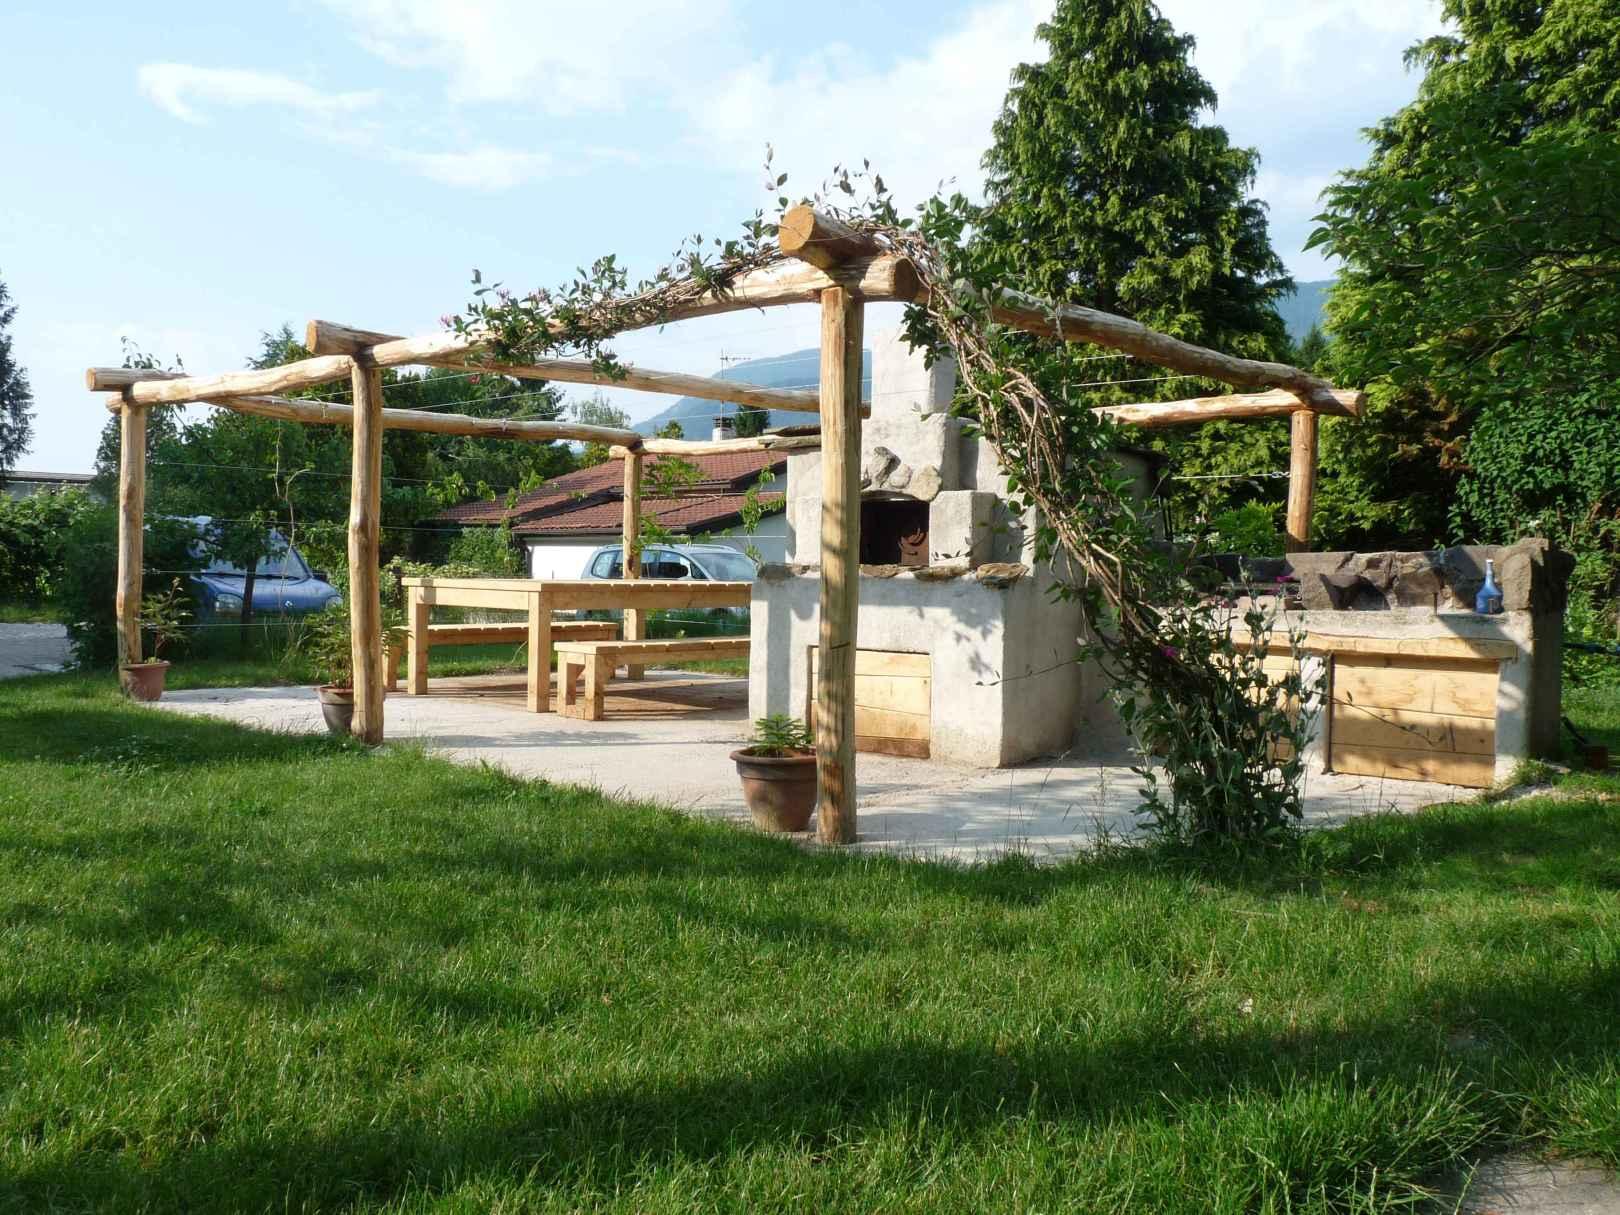 forno per le pizze e spazi comuni per i nostri ospiti qui al b&b casa sul lago casa sul lago appartamenti sul lago di caldonazzo trentino